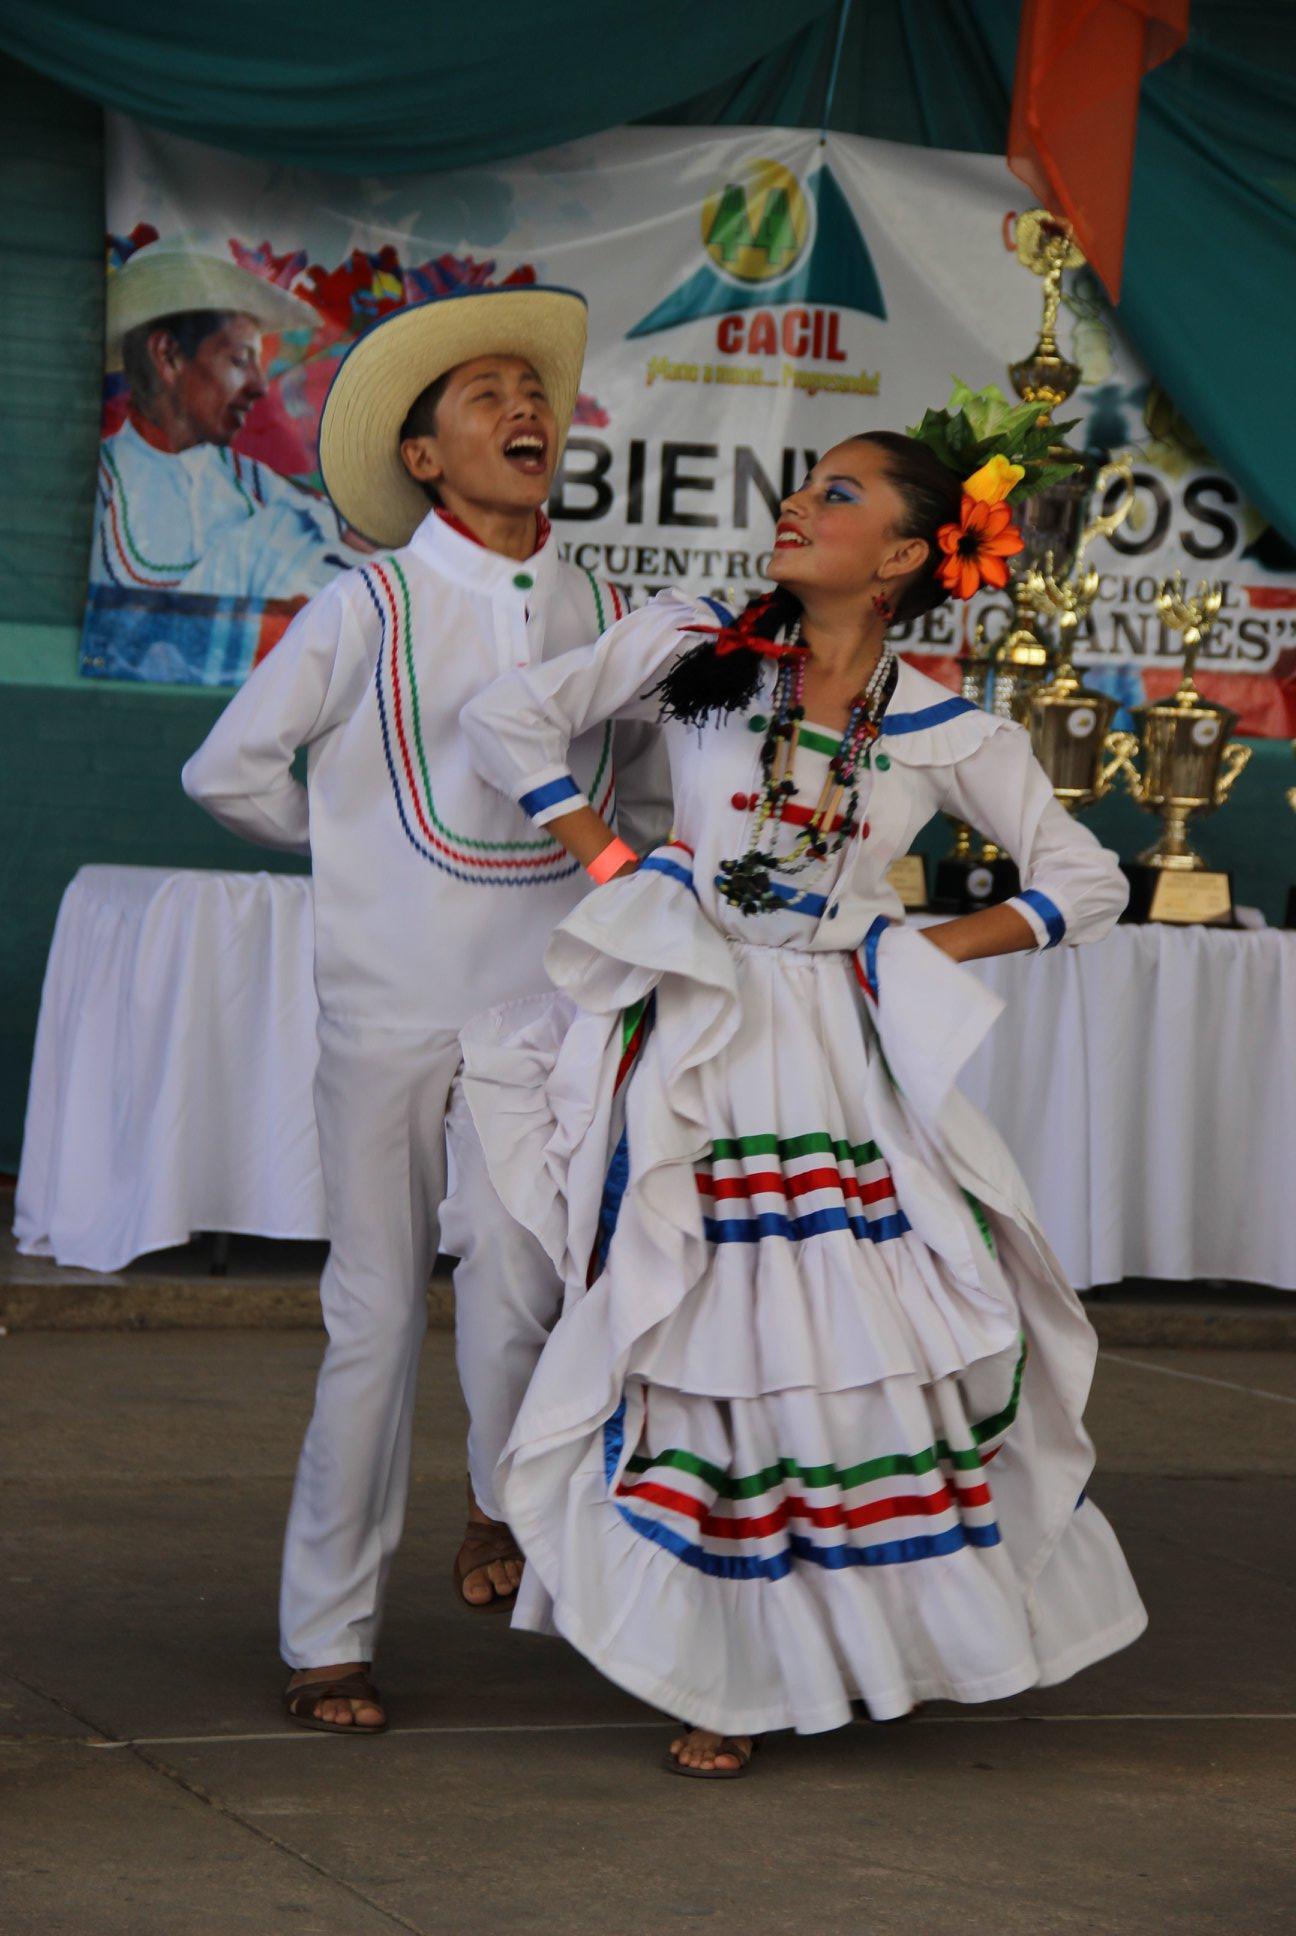 Bailarines del Instituto Rafael Pineda Ponce bailan El Cascareño (El Grande de Grandes 2014)